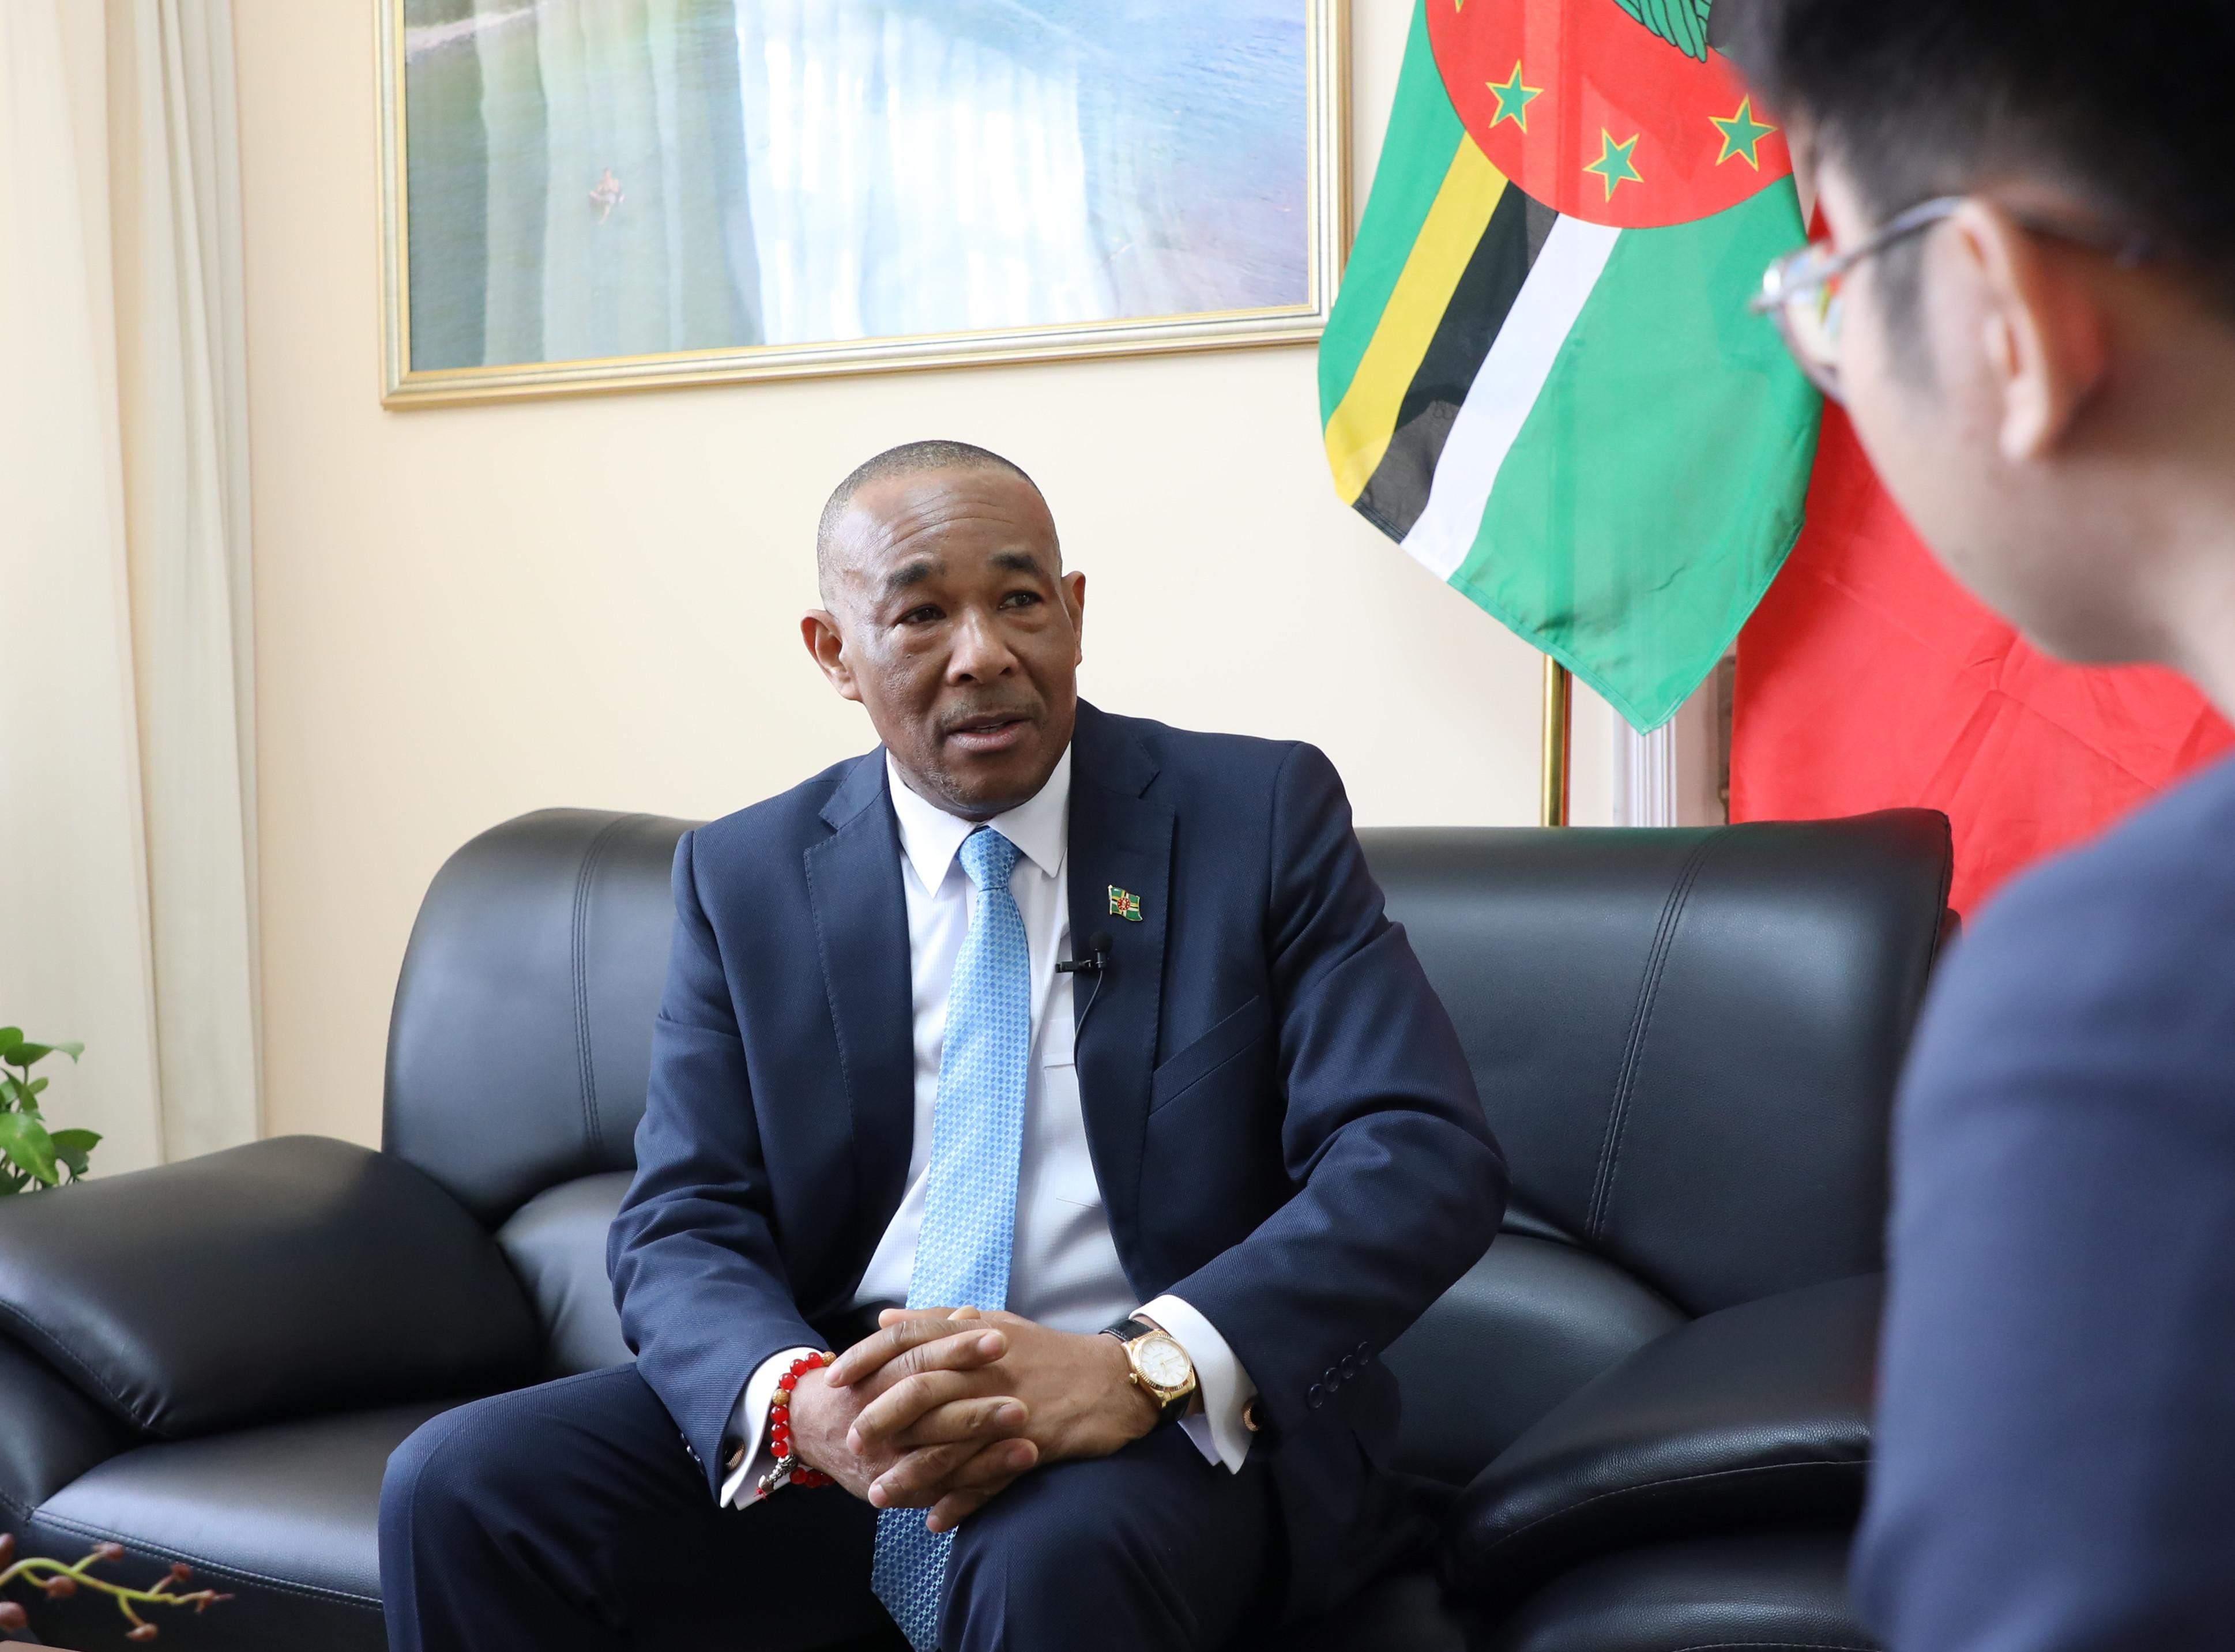 多米尼克驻华大使:马丁·查尔斯